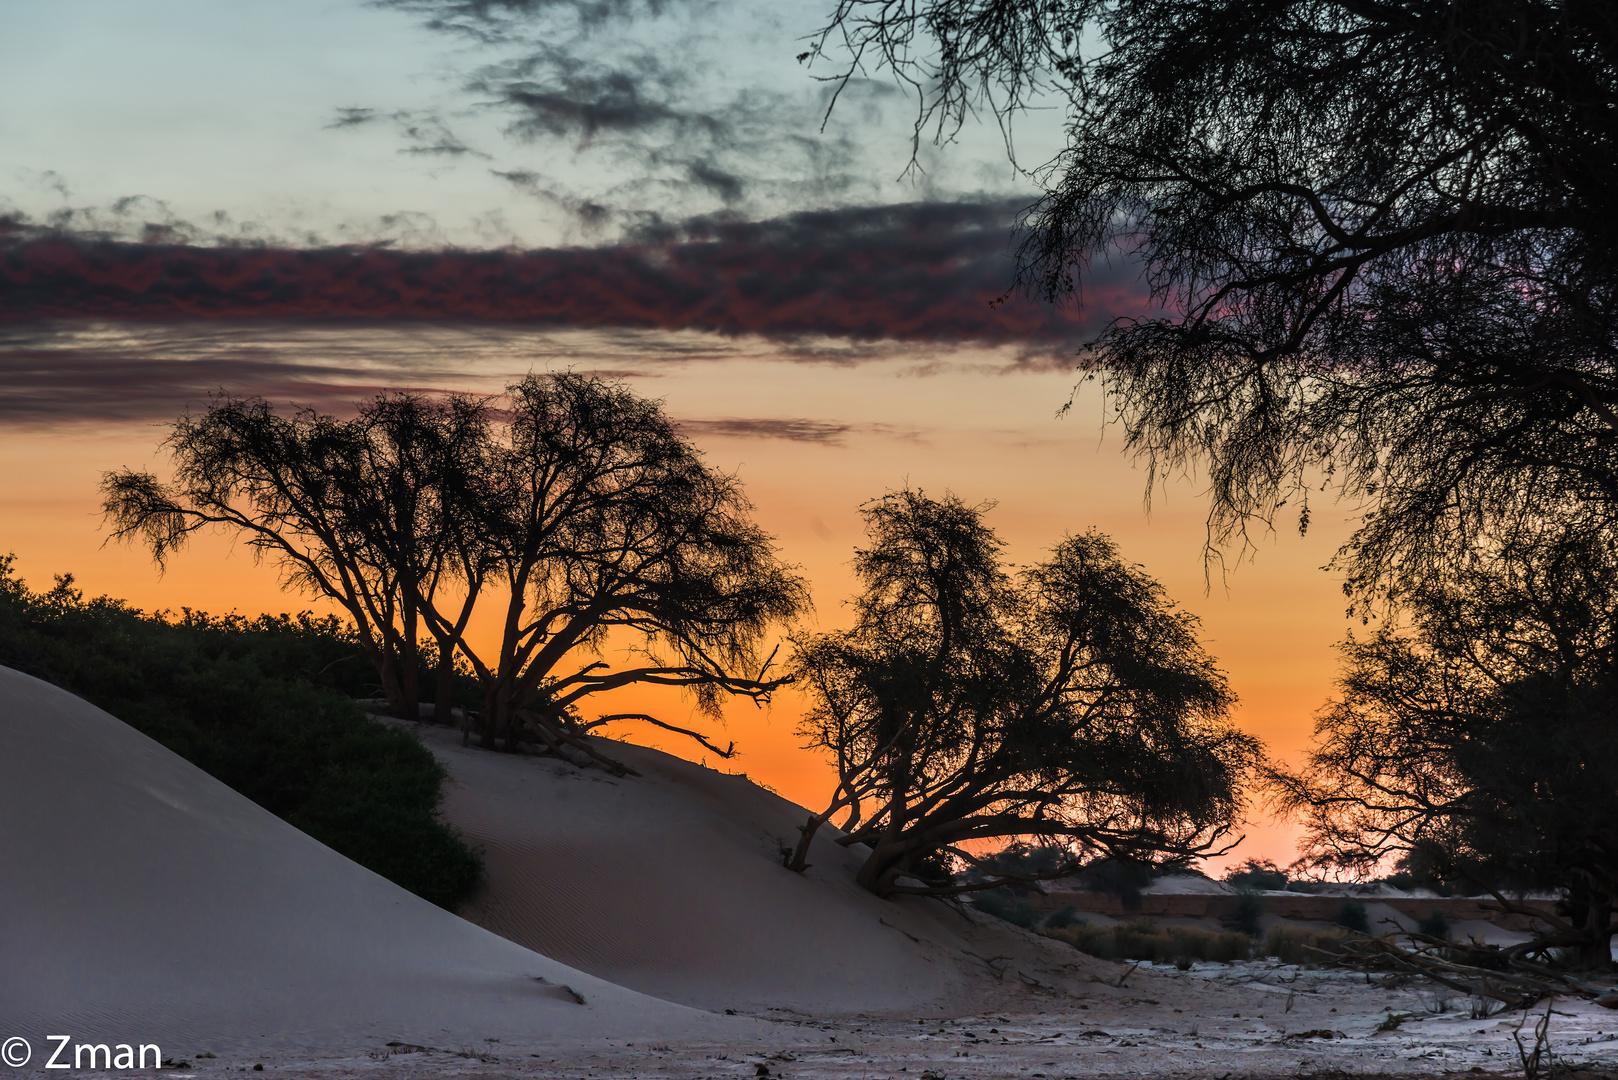 Sunset in The Namibian Desert 04